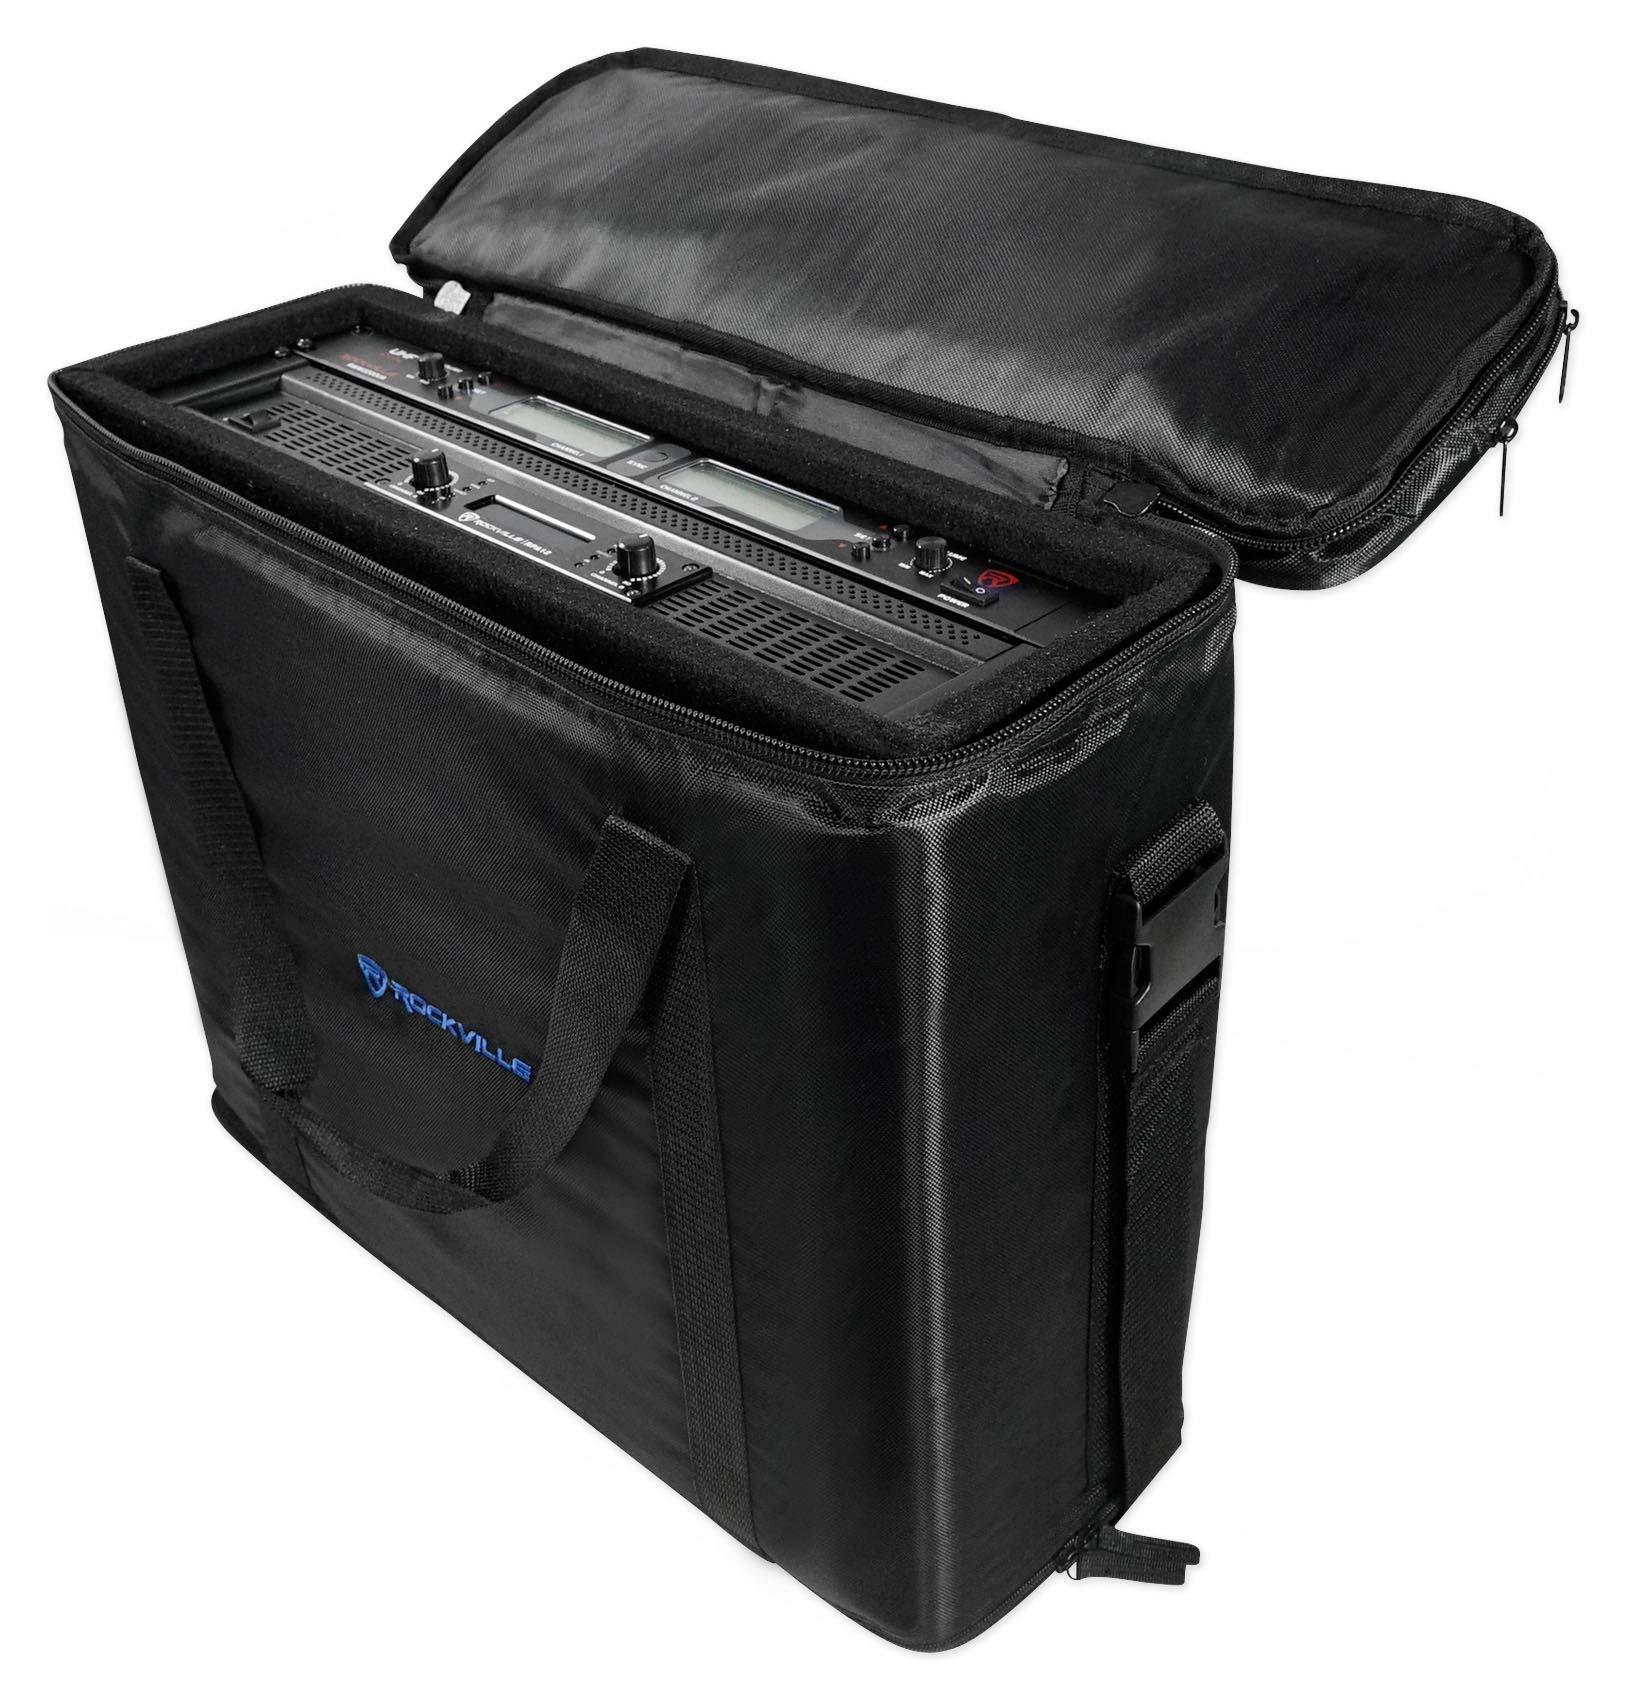 Rockville RRB35 3U Space Bag-Style Rack Case with Removable Rack+Shoulder Strap